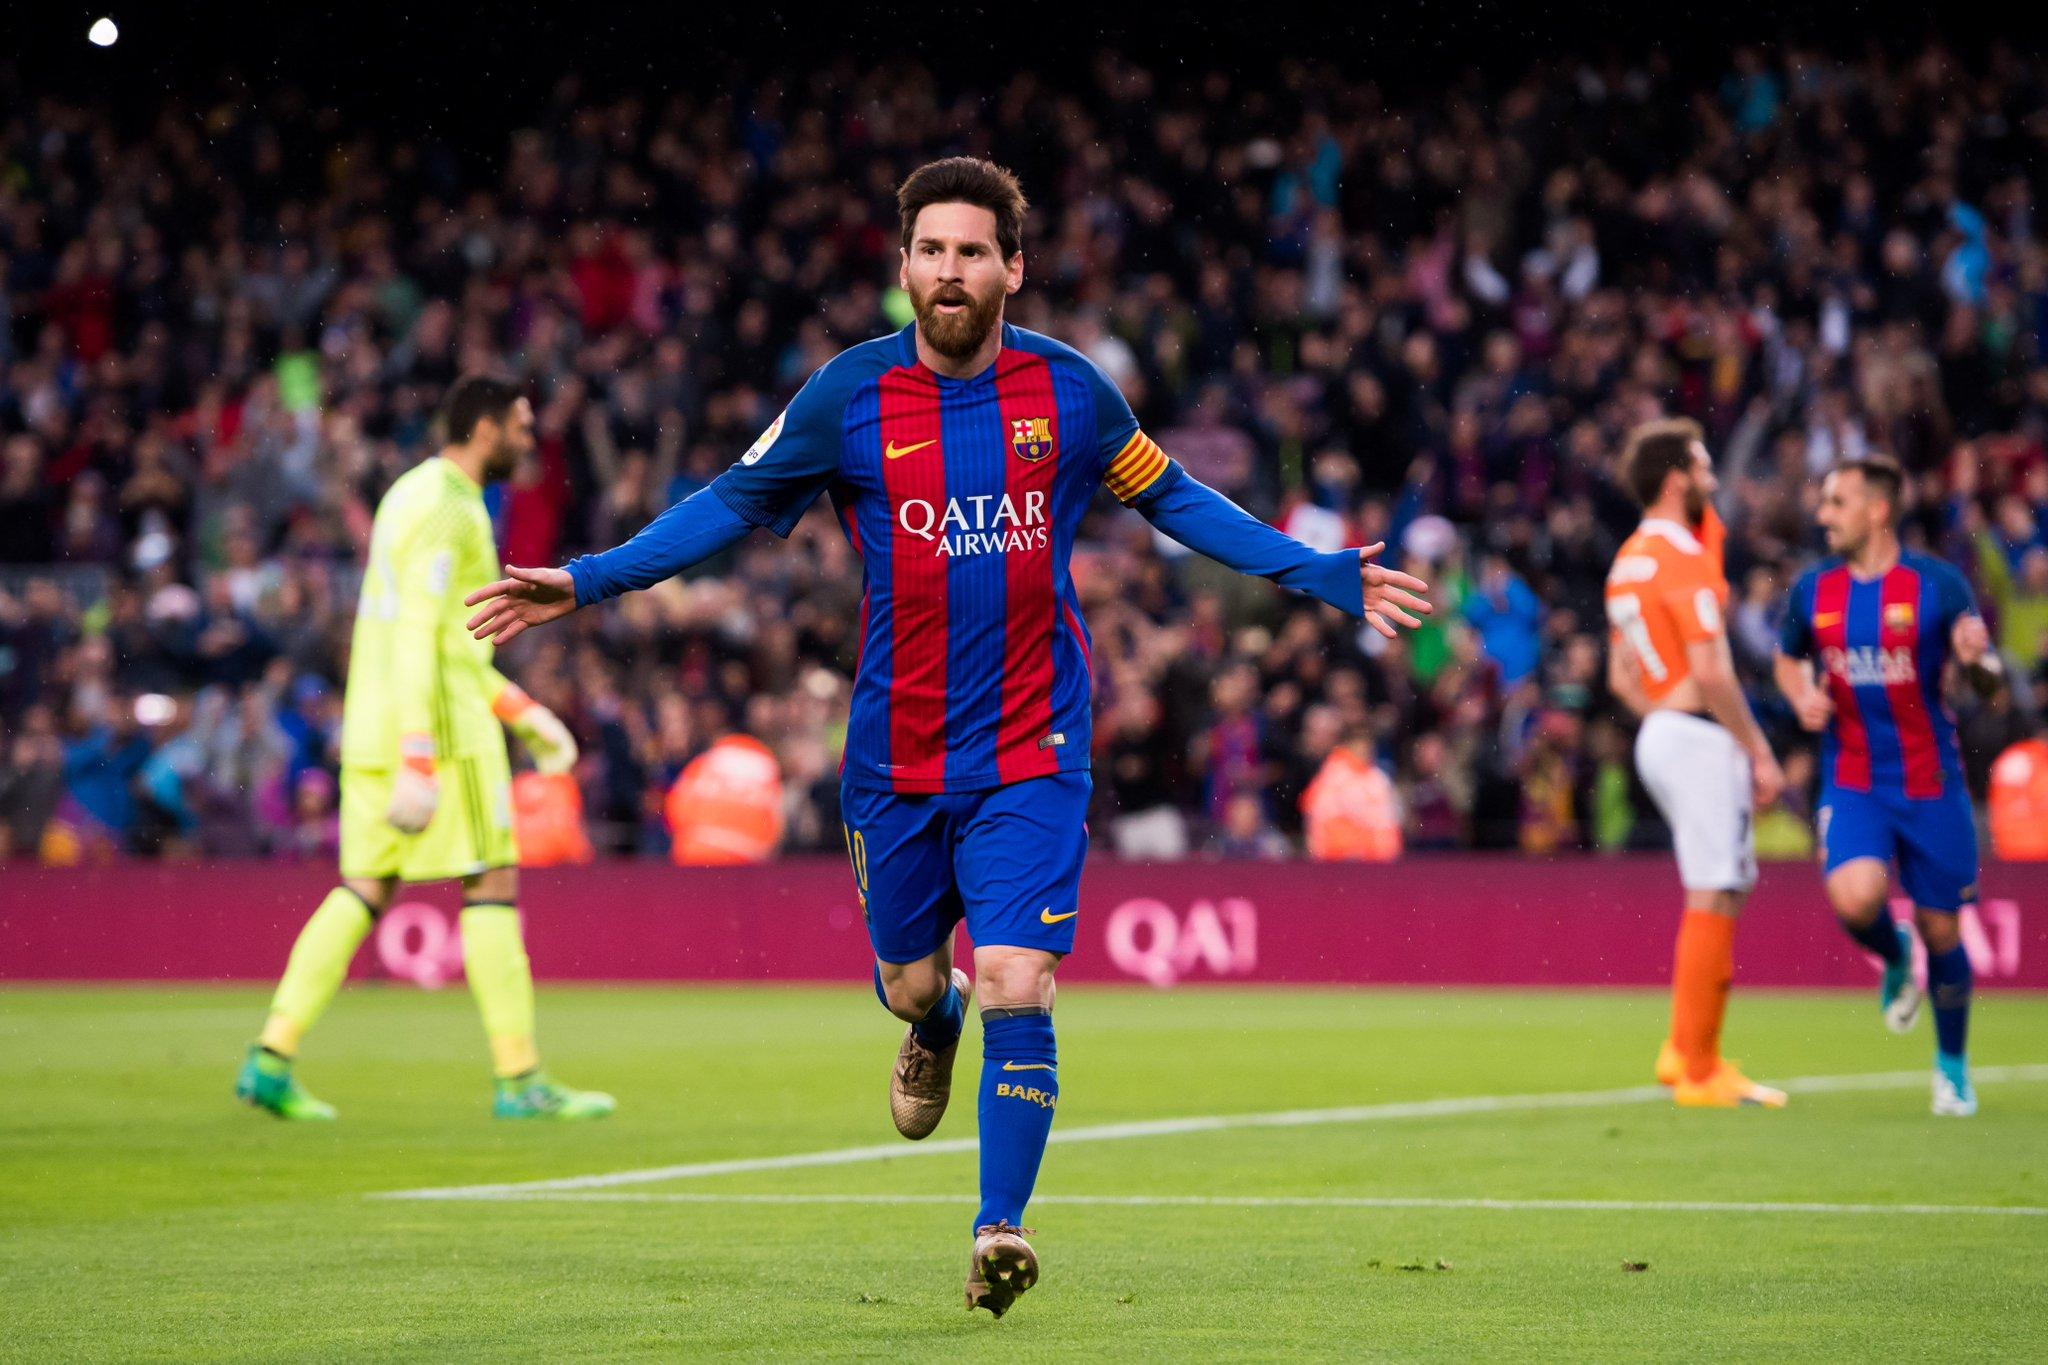 هدف برشلونة الرابع في مرمى أوساسونا